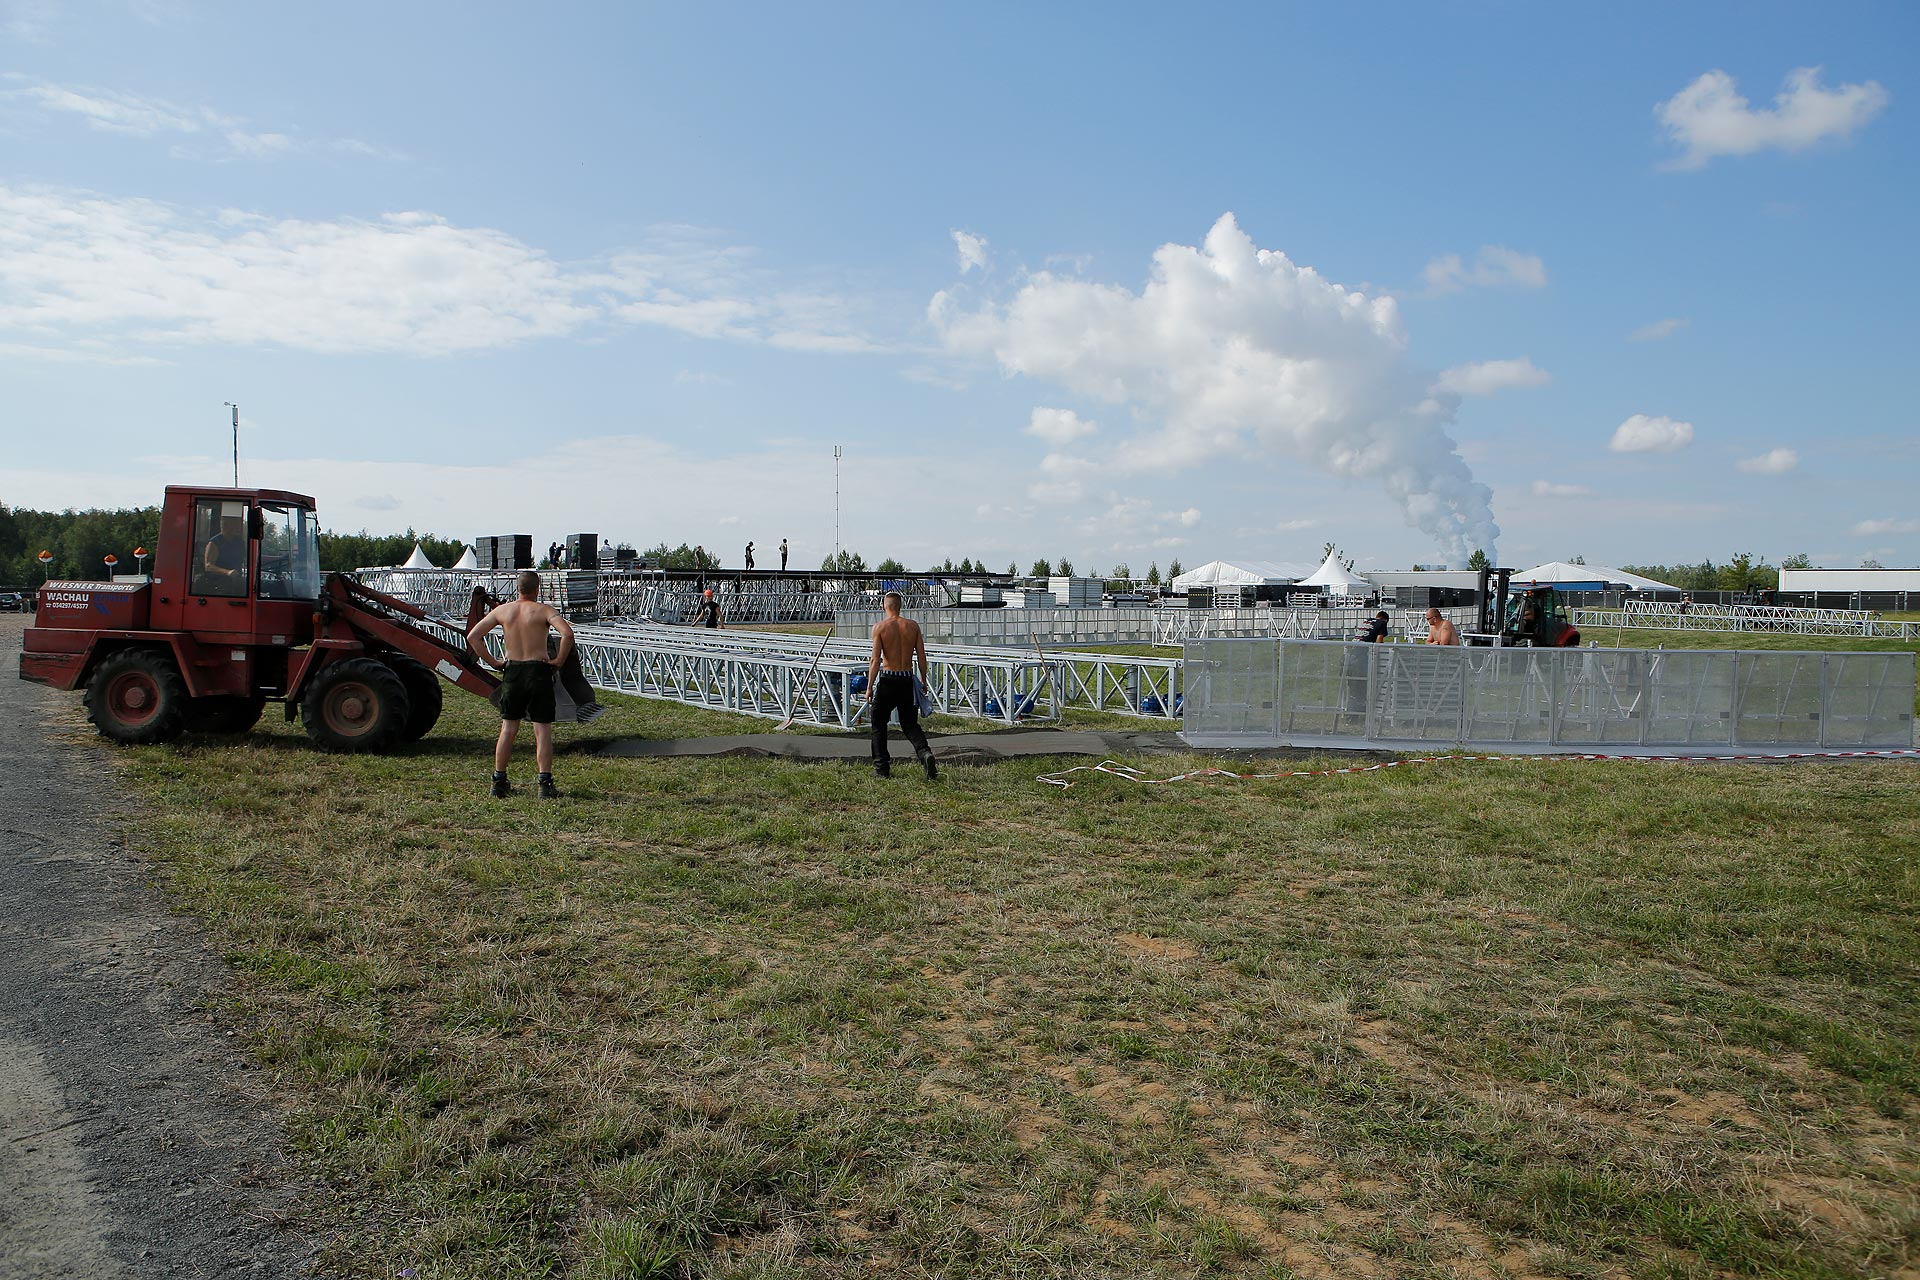 Viele Helfer werden für den Aufbau gebraucht: Insgesamt sind auf dem Festival 2500 Menschen im Einsatz.